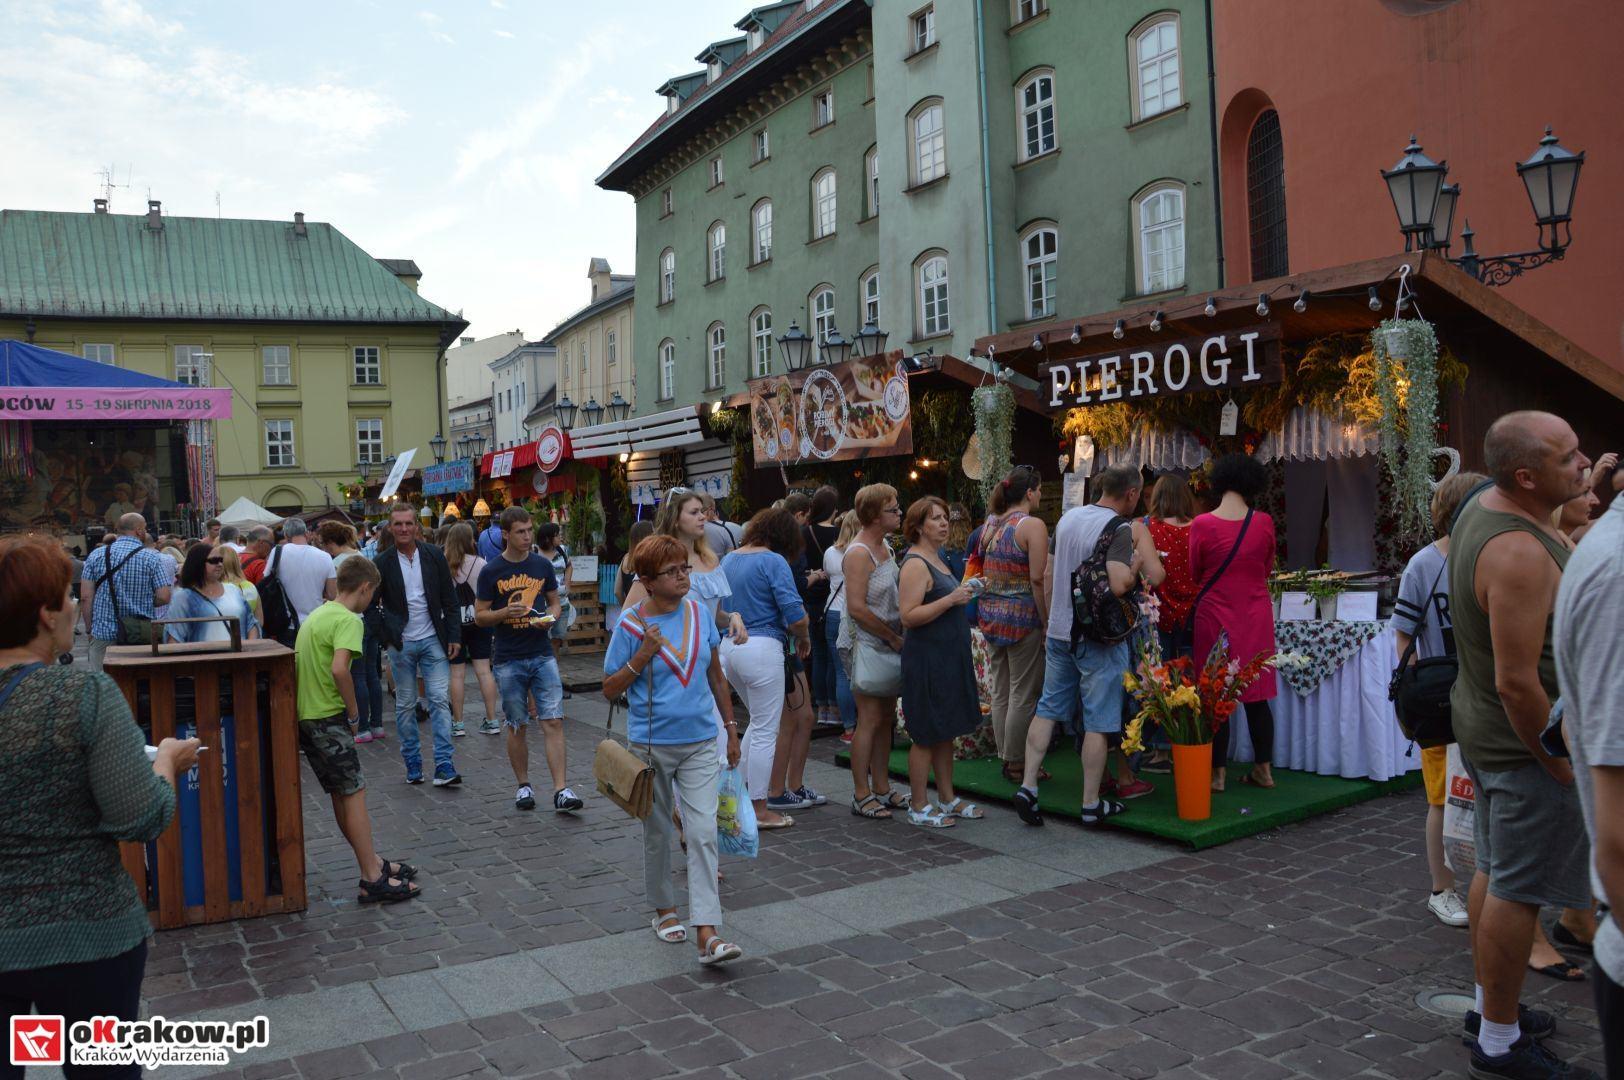 krakow festiwal pierogow maly rynek koncert cheap tobacco 52 150x150 - Galeria zdjęć Festiwal Pierogów Kraków 2018 + zdjęcia z koncertu Cheap Tobacco